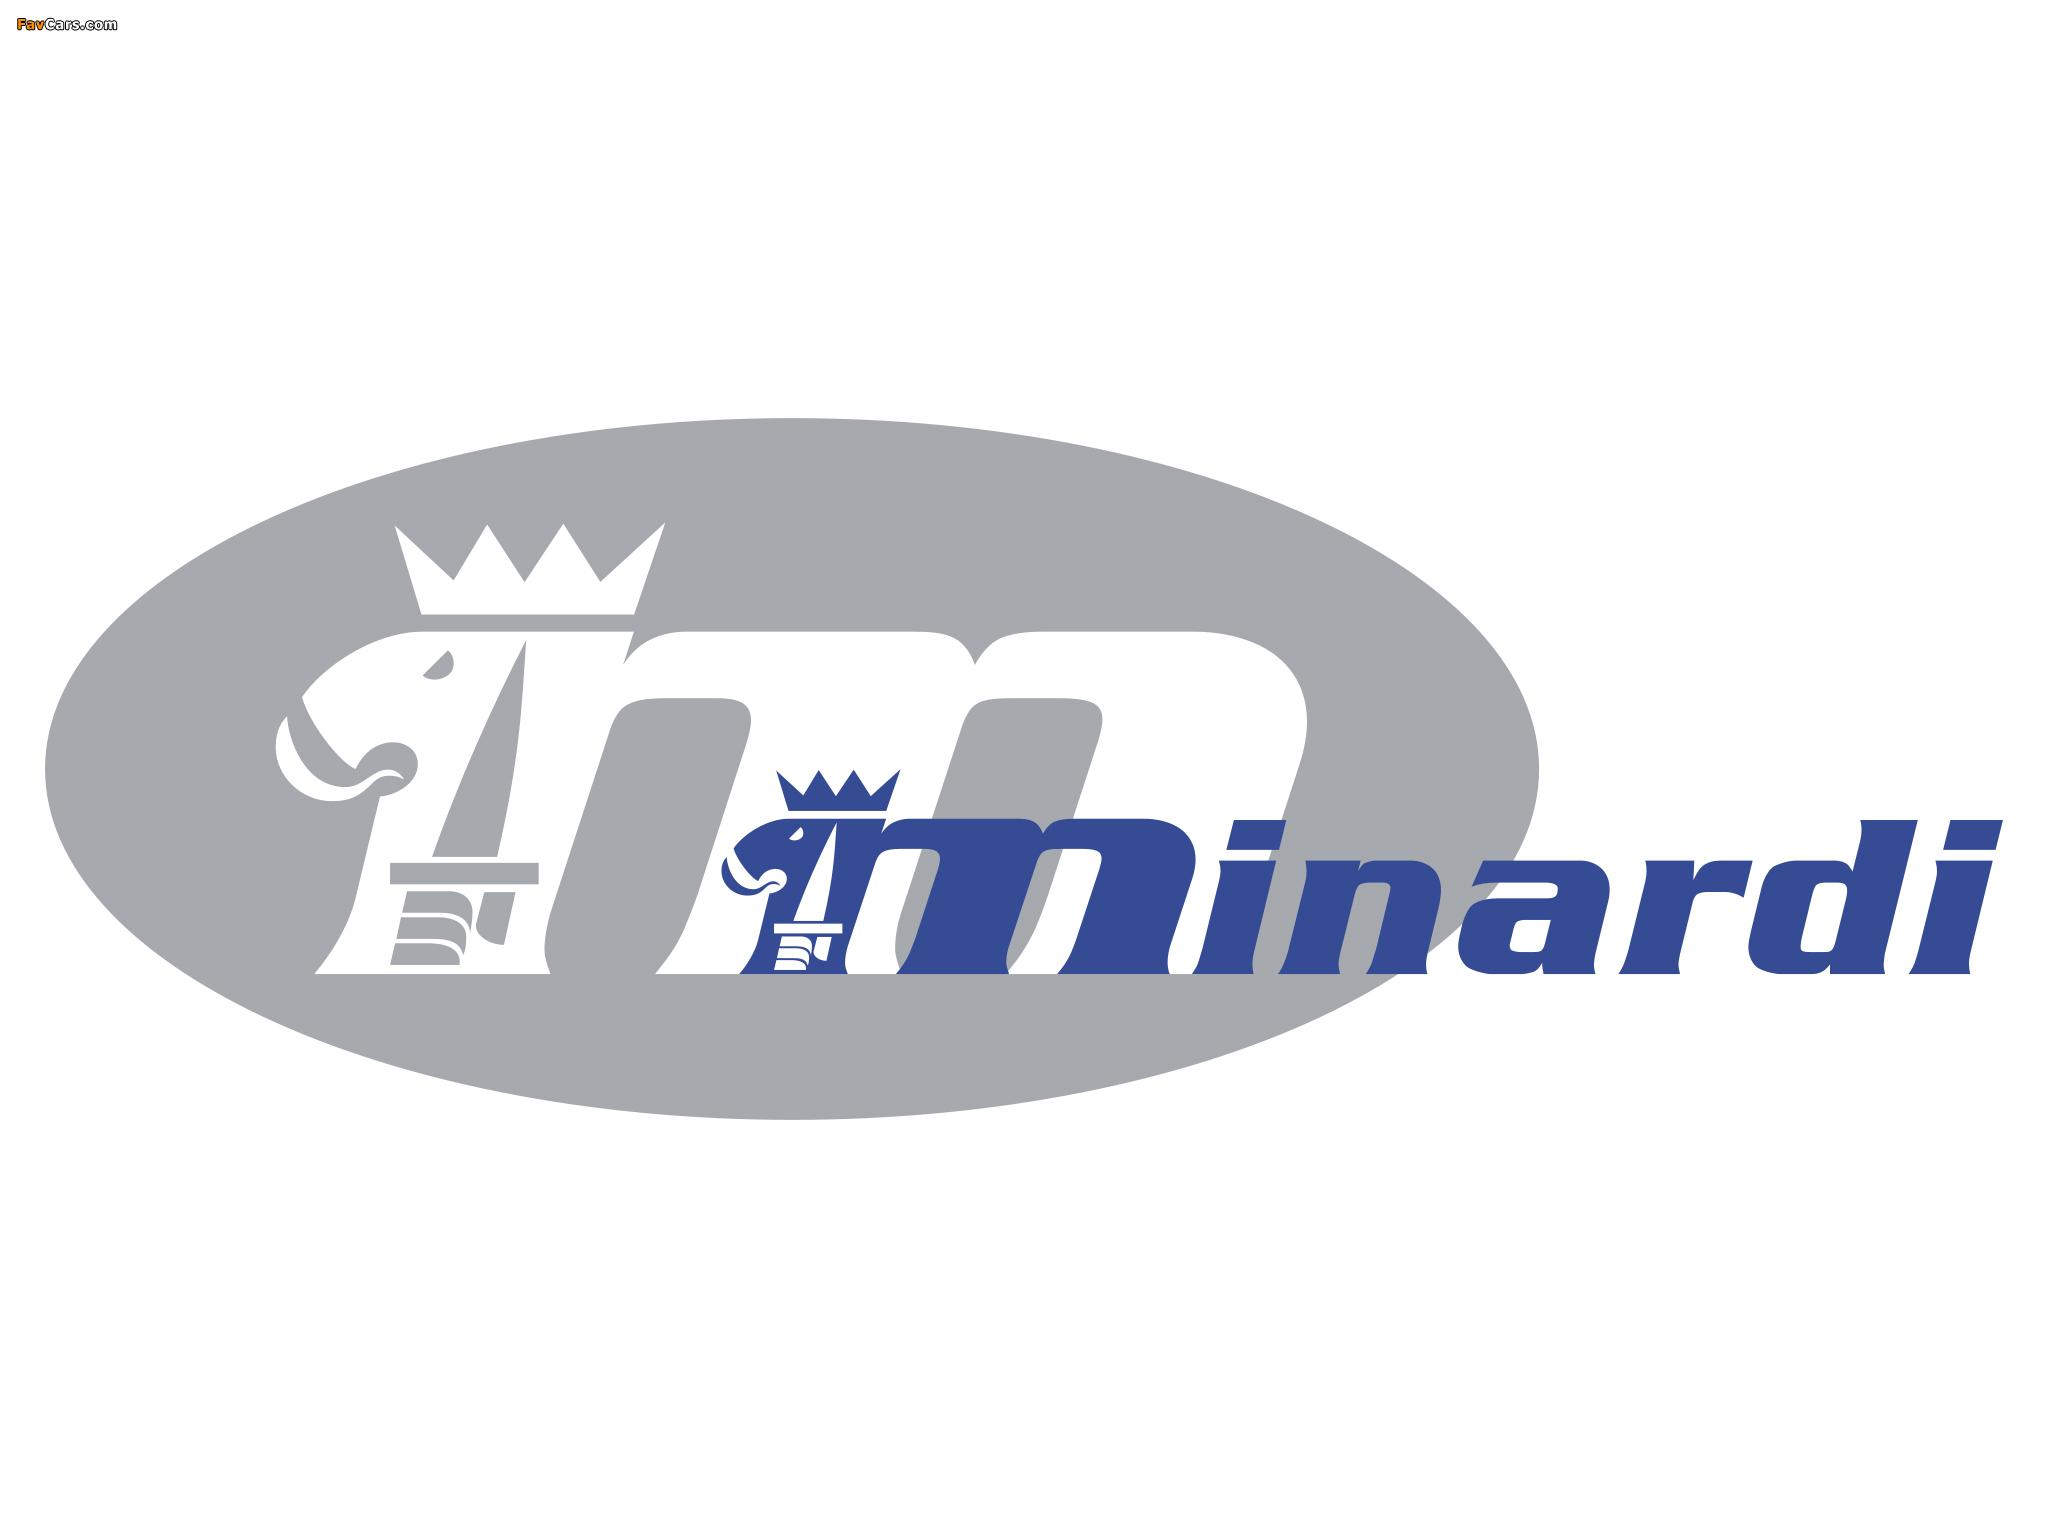 Minardi (1998-2000) wallpapers (2048 x 1536)